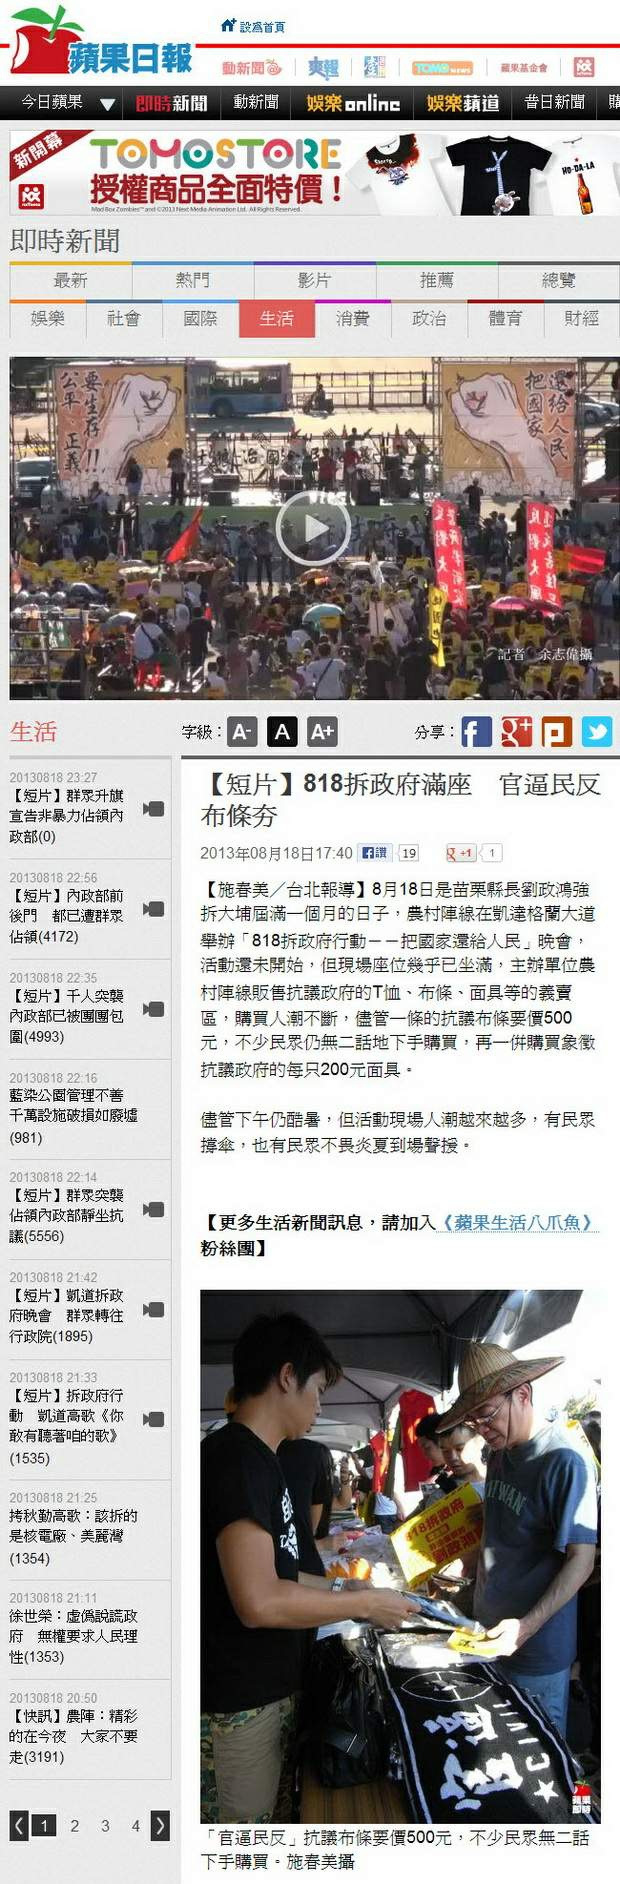 818拆政府滿座 官逼民反布條夯-2013.08.18.jpg